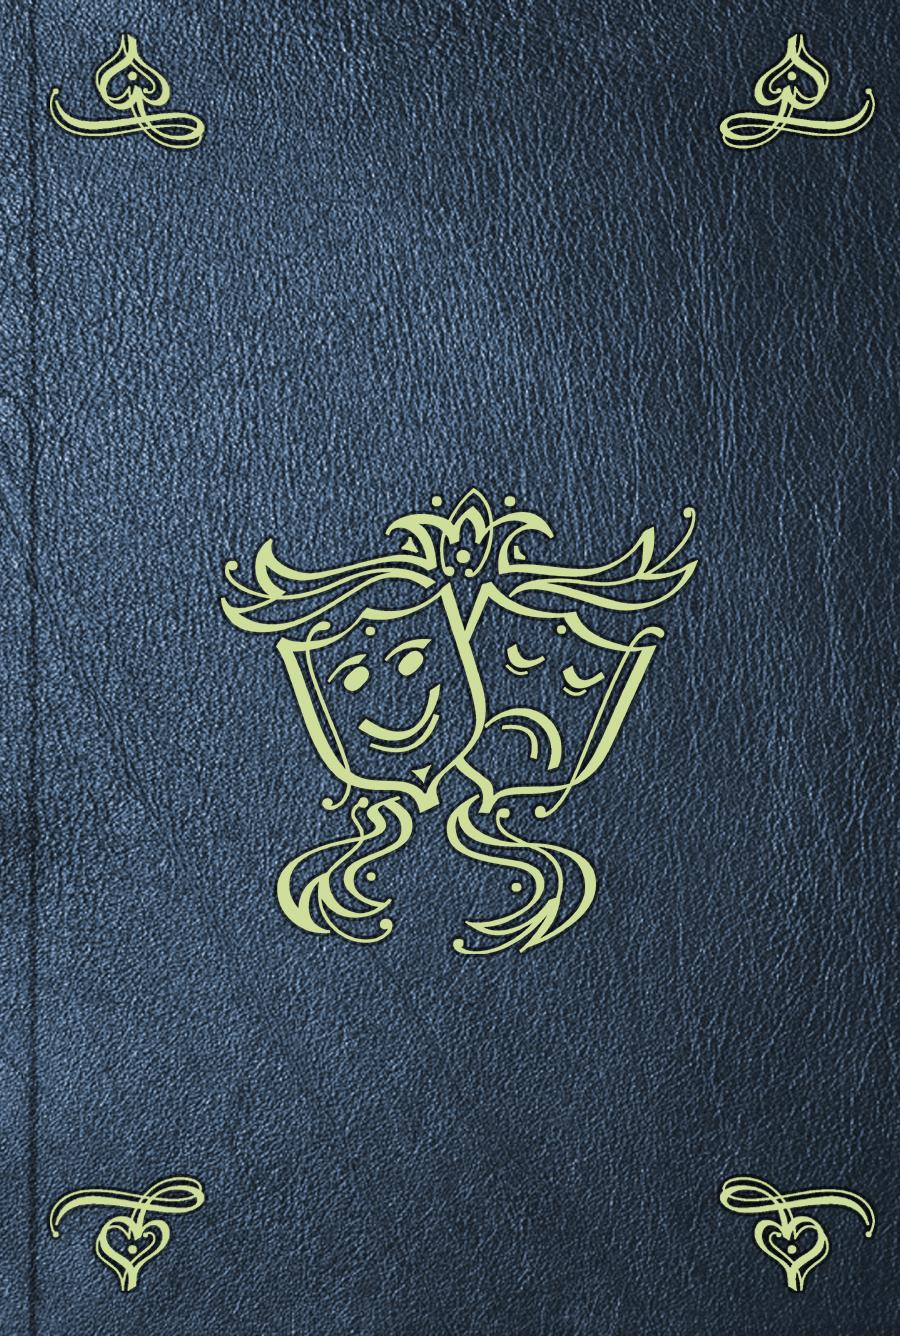 Vittorio Alfieri Le opere postume. Vol. 11 nunzio vaccalluzzo vittorio alfieri e il sentimento patriotico di g leopardi italian edition